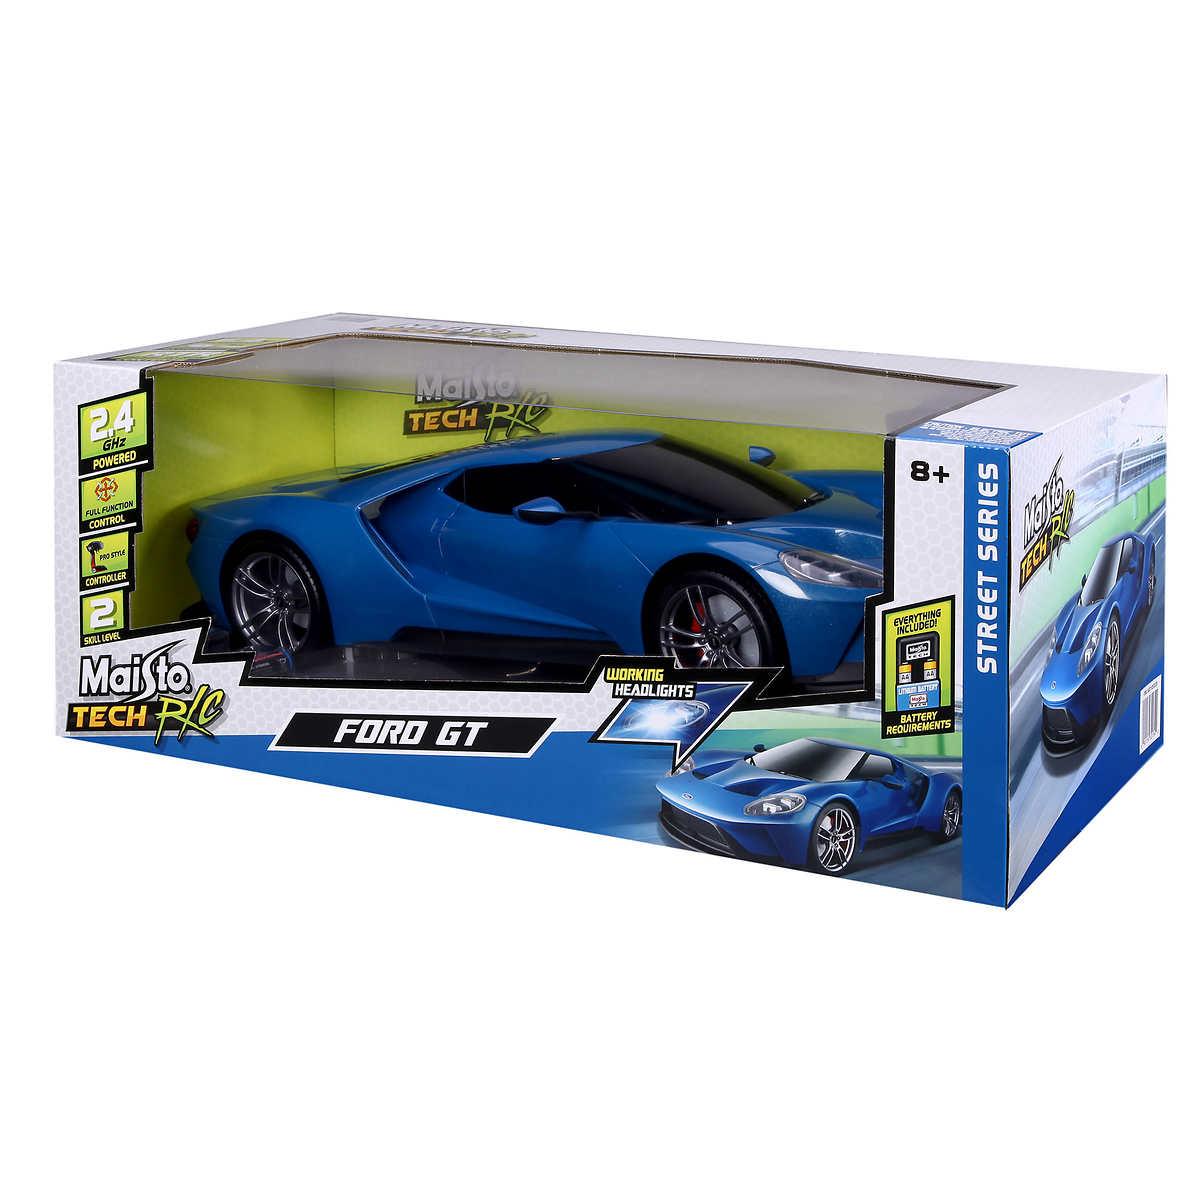 Lamborghini Toy Car Costco